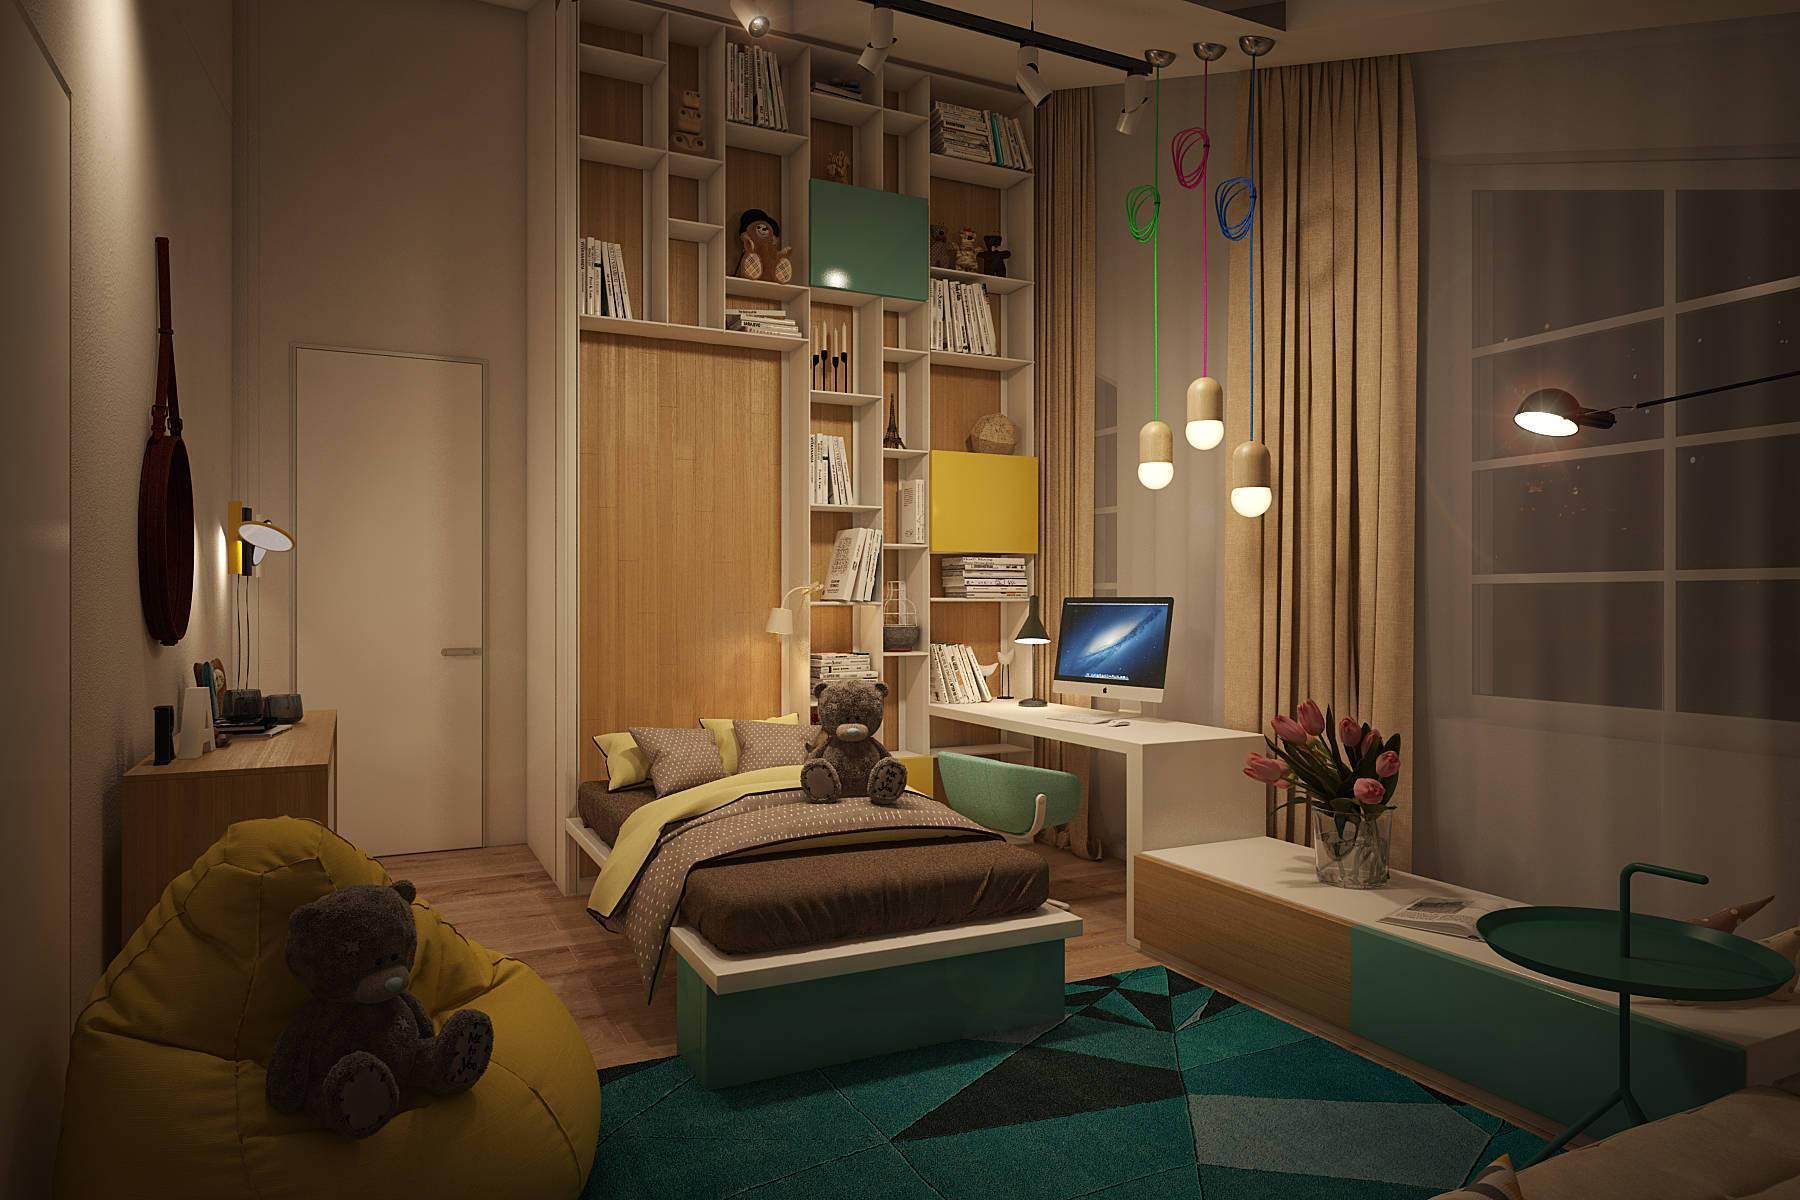 78 идей дизайна комнаты подростка — лучшие интерьеры на фото от ivd.ru